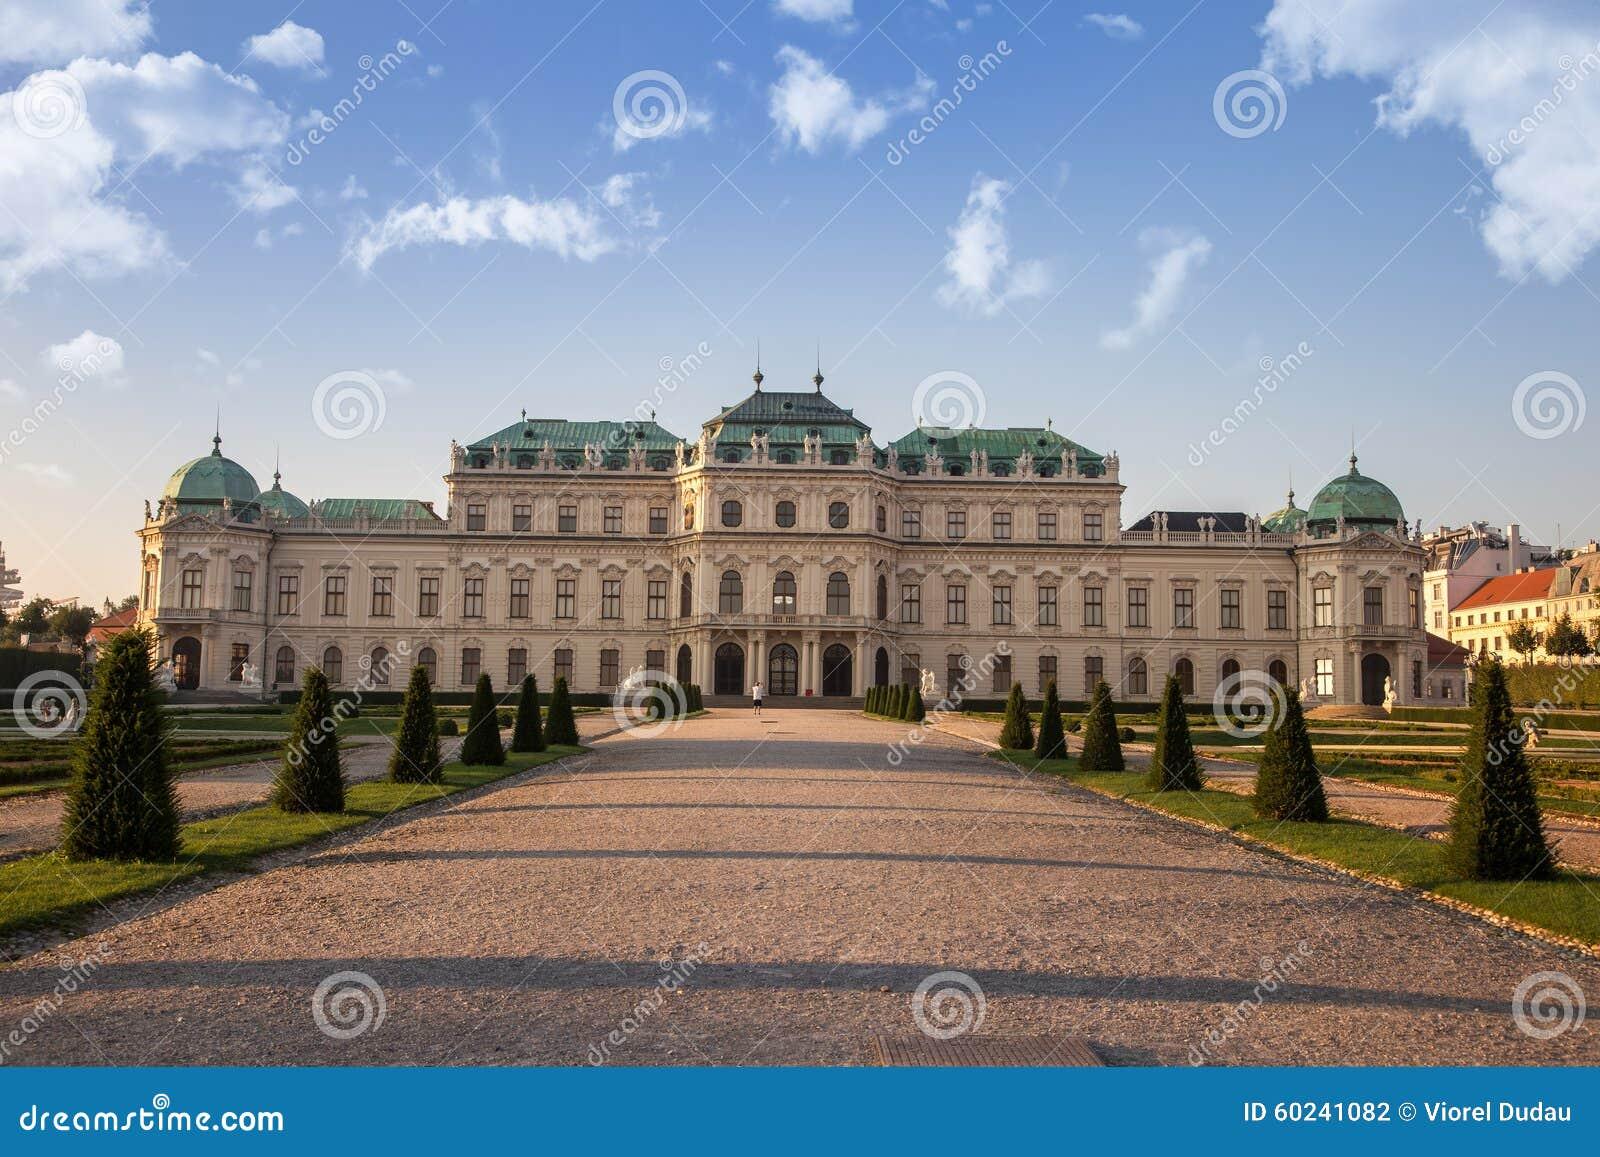 眺望楼宫殿,维也纳